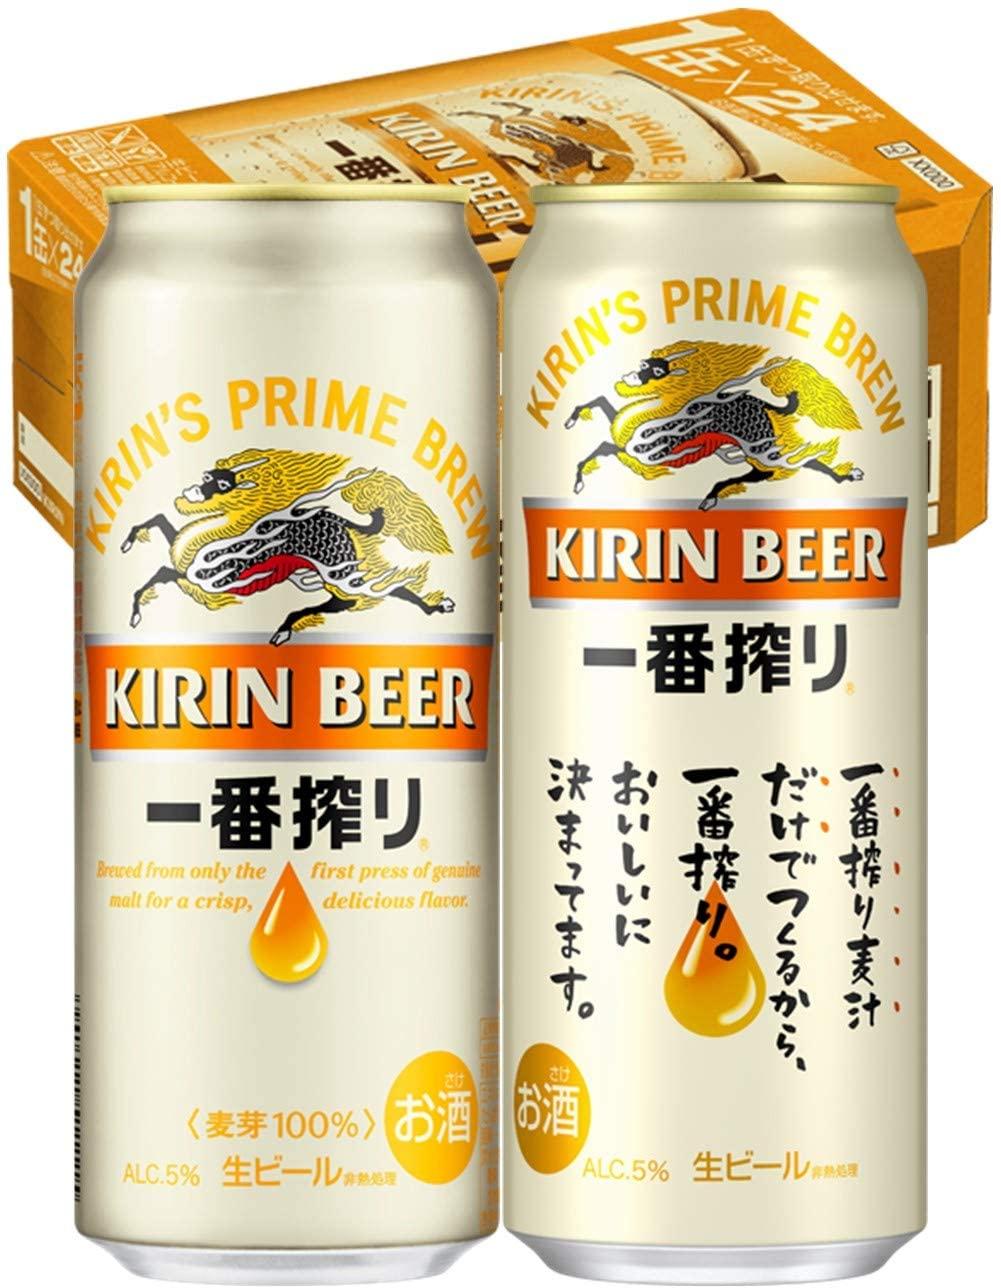 ビール・発泡酒, ビール  500ml24 2